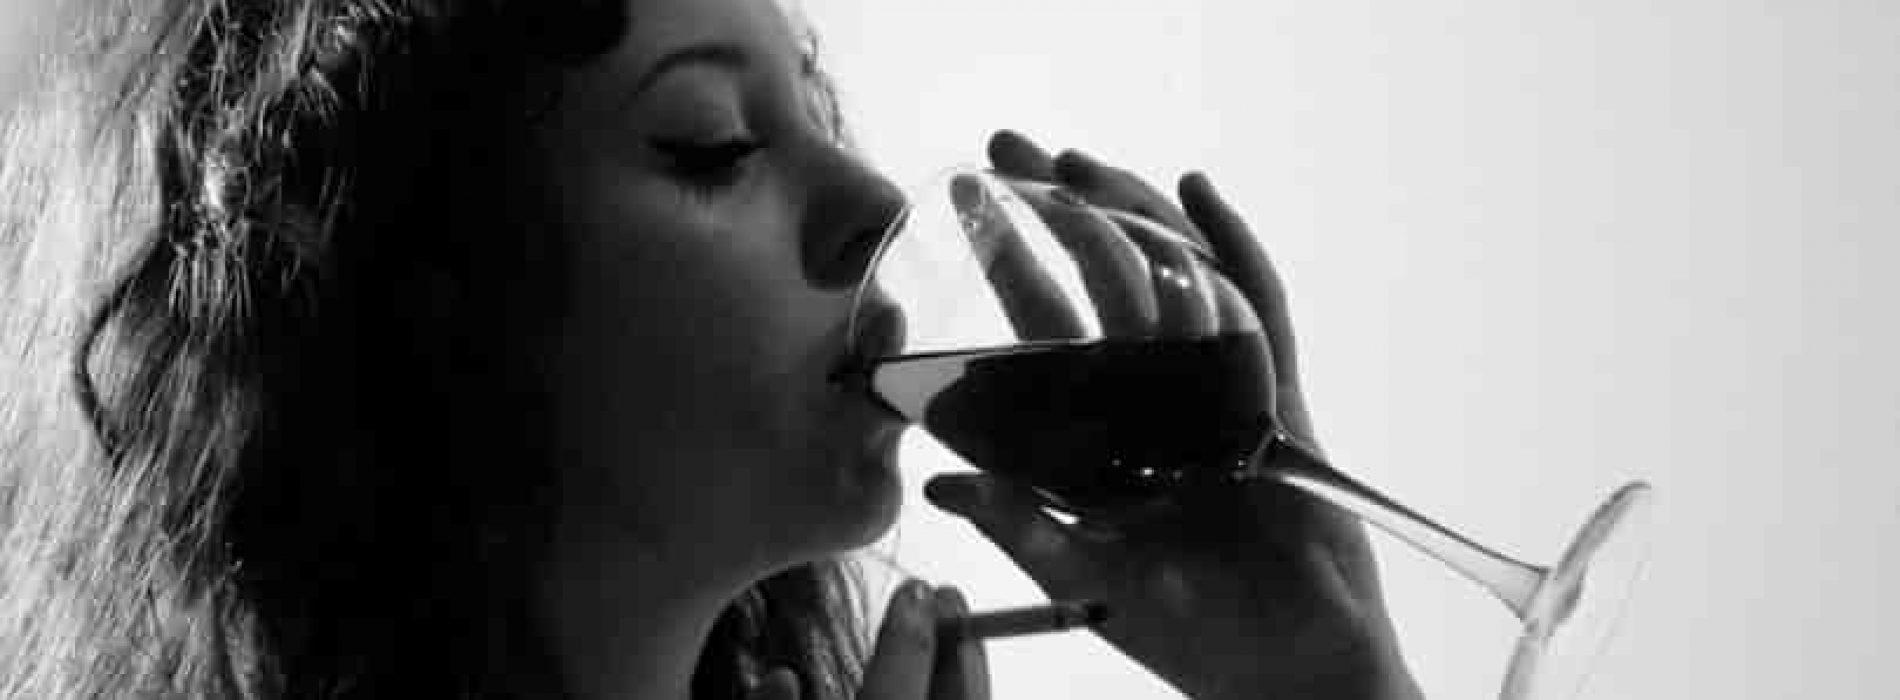 Hvordan smaker du på vin?